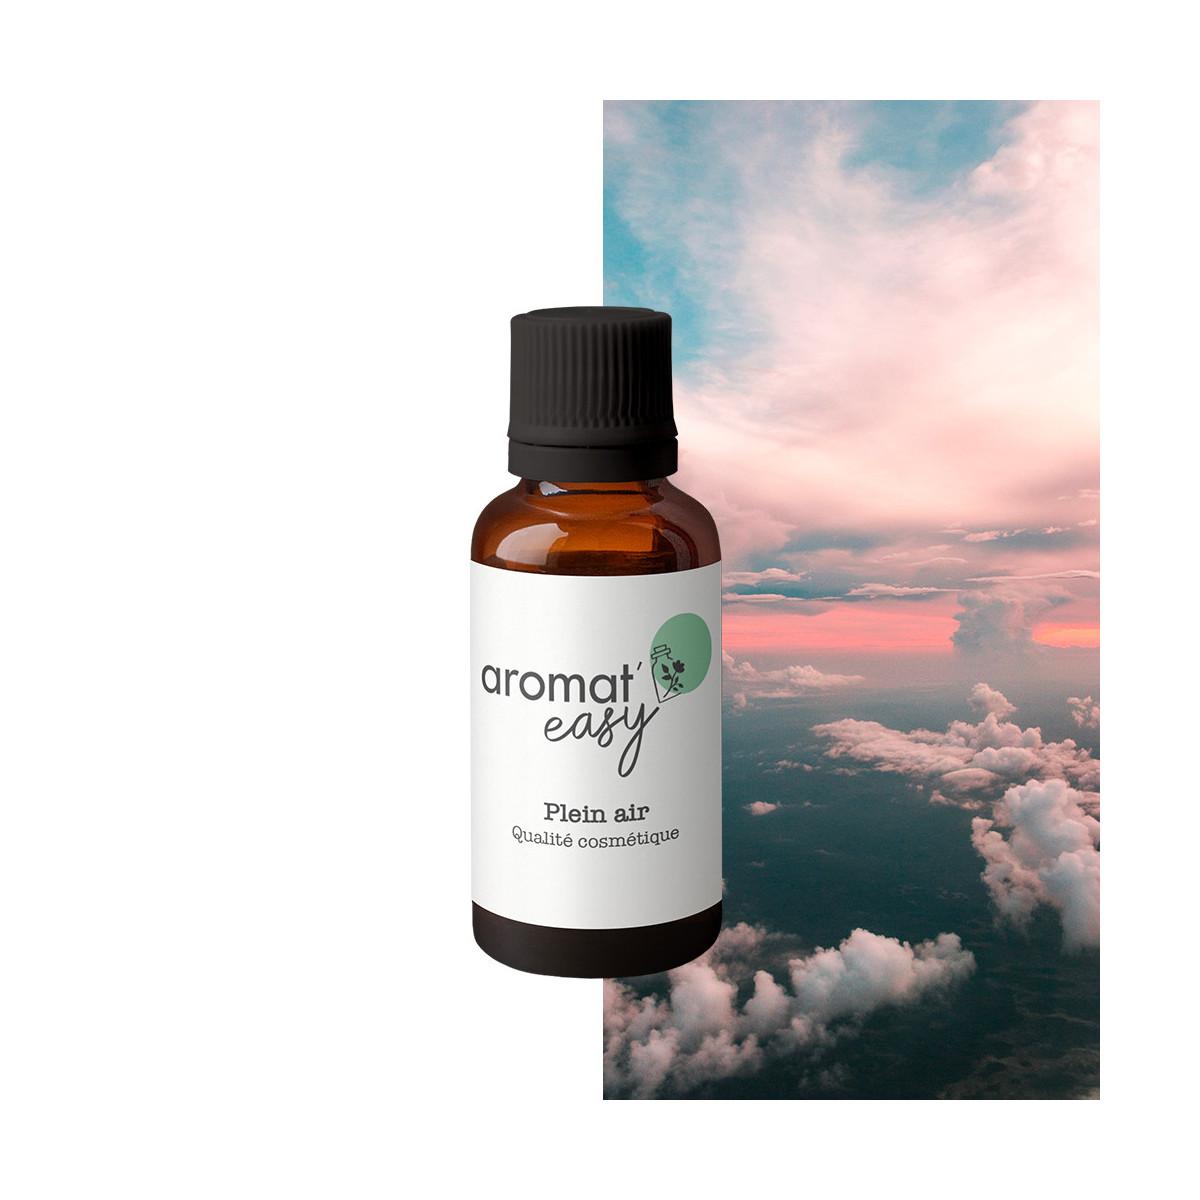 Fragrance Plein air